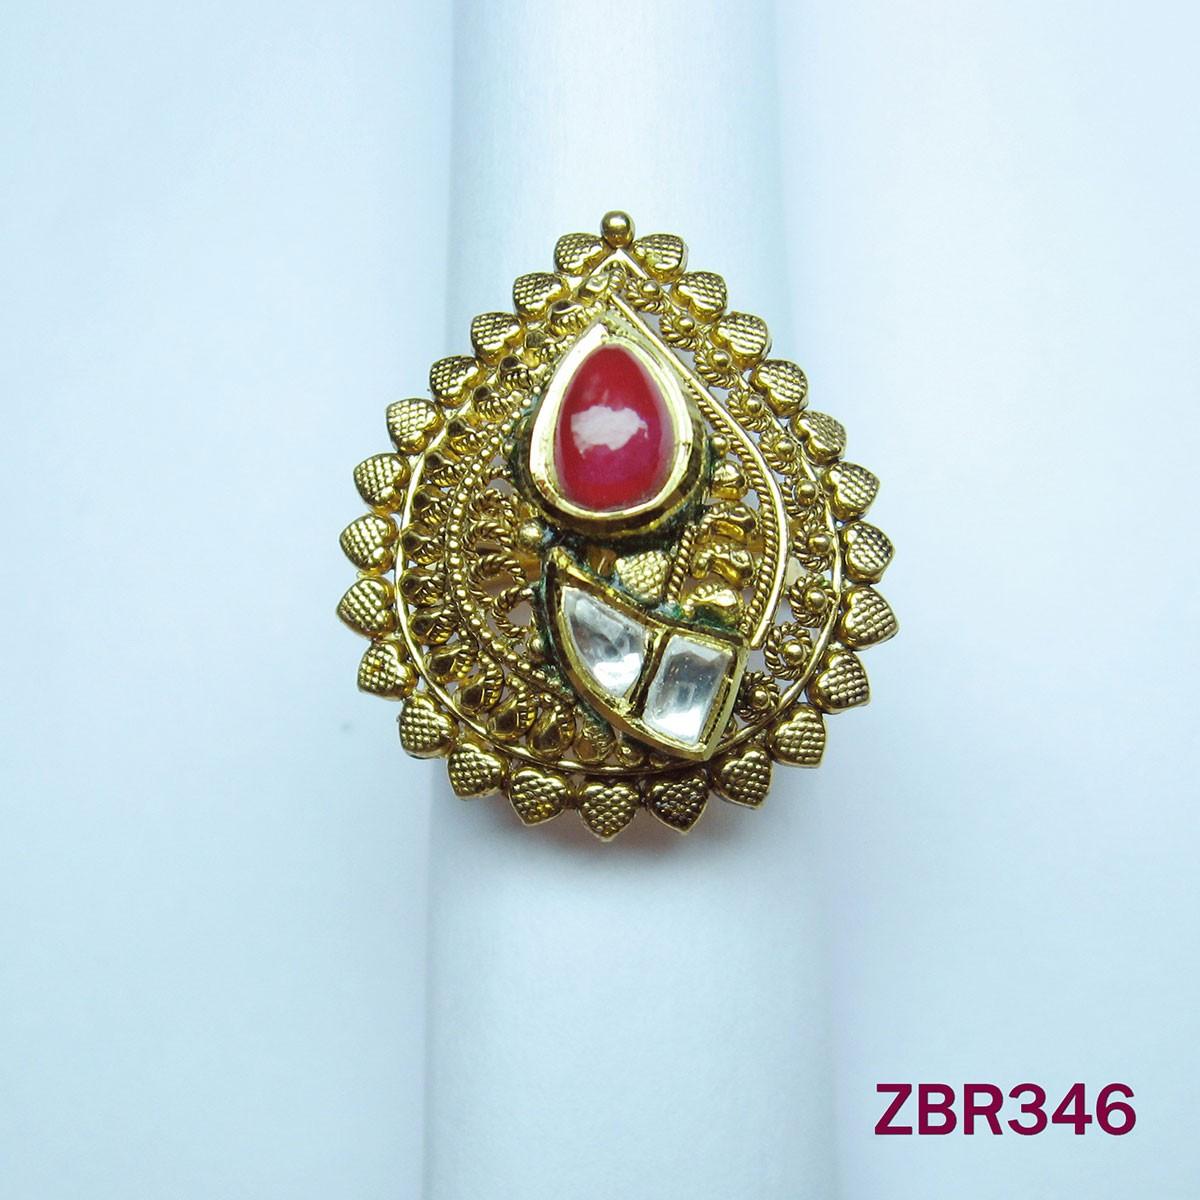 ZBR346